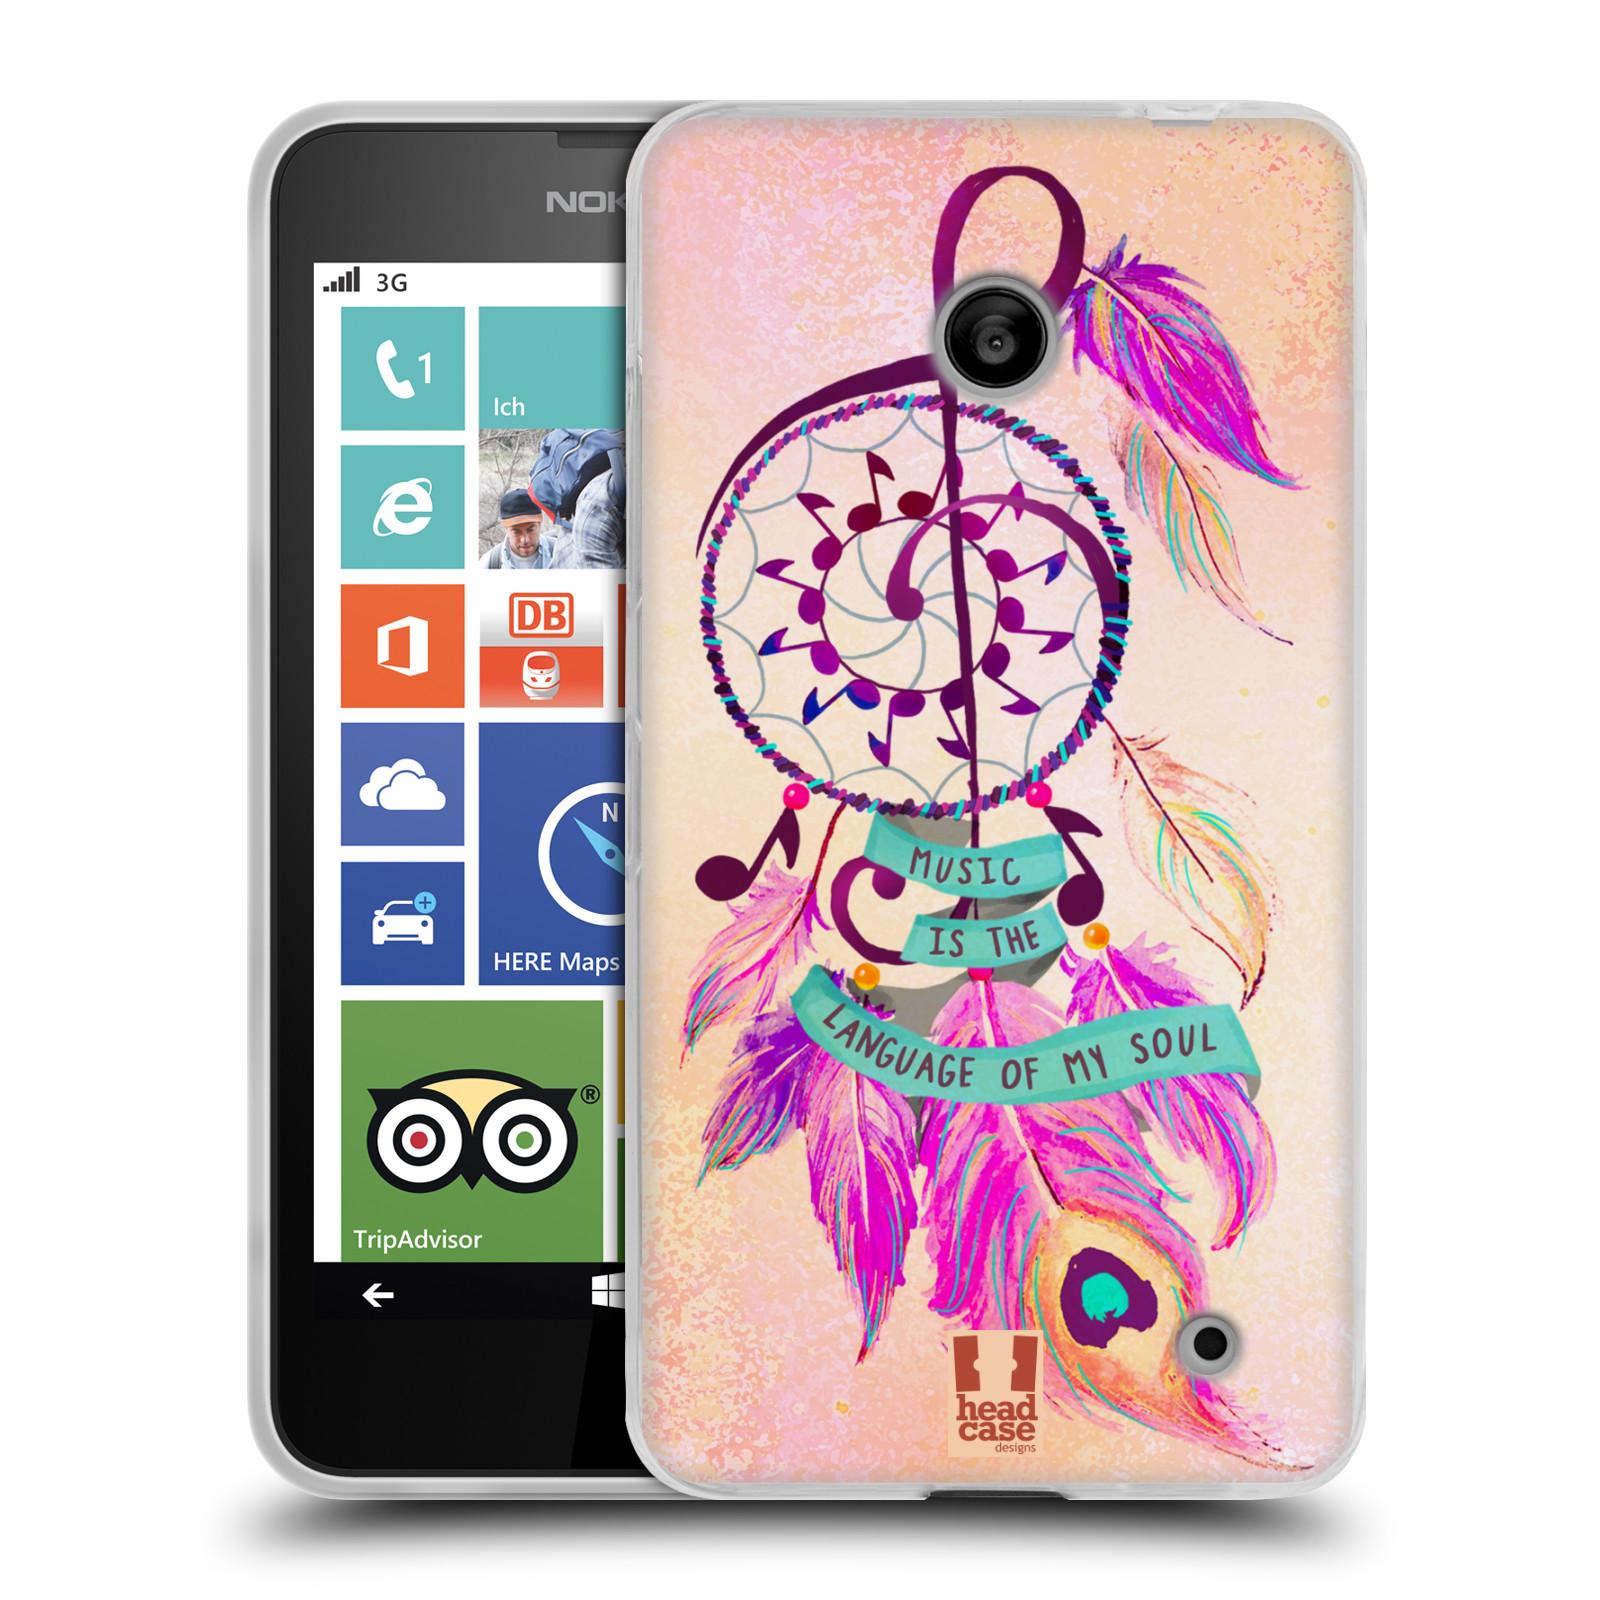 Silikonové pouzdro na mobil Nokia Lumia 635 HEAD CASE Lapač Assorted Music (Silikonový kryt či obal na mobilní telefon Nokia Lumia 635 Dual SIM)